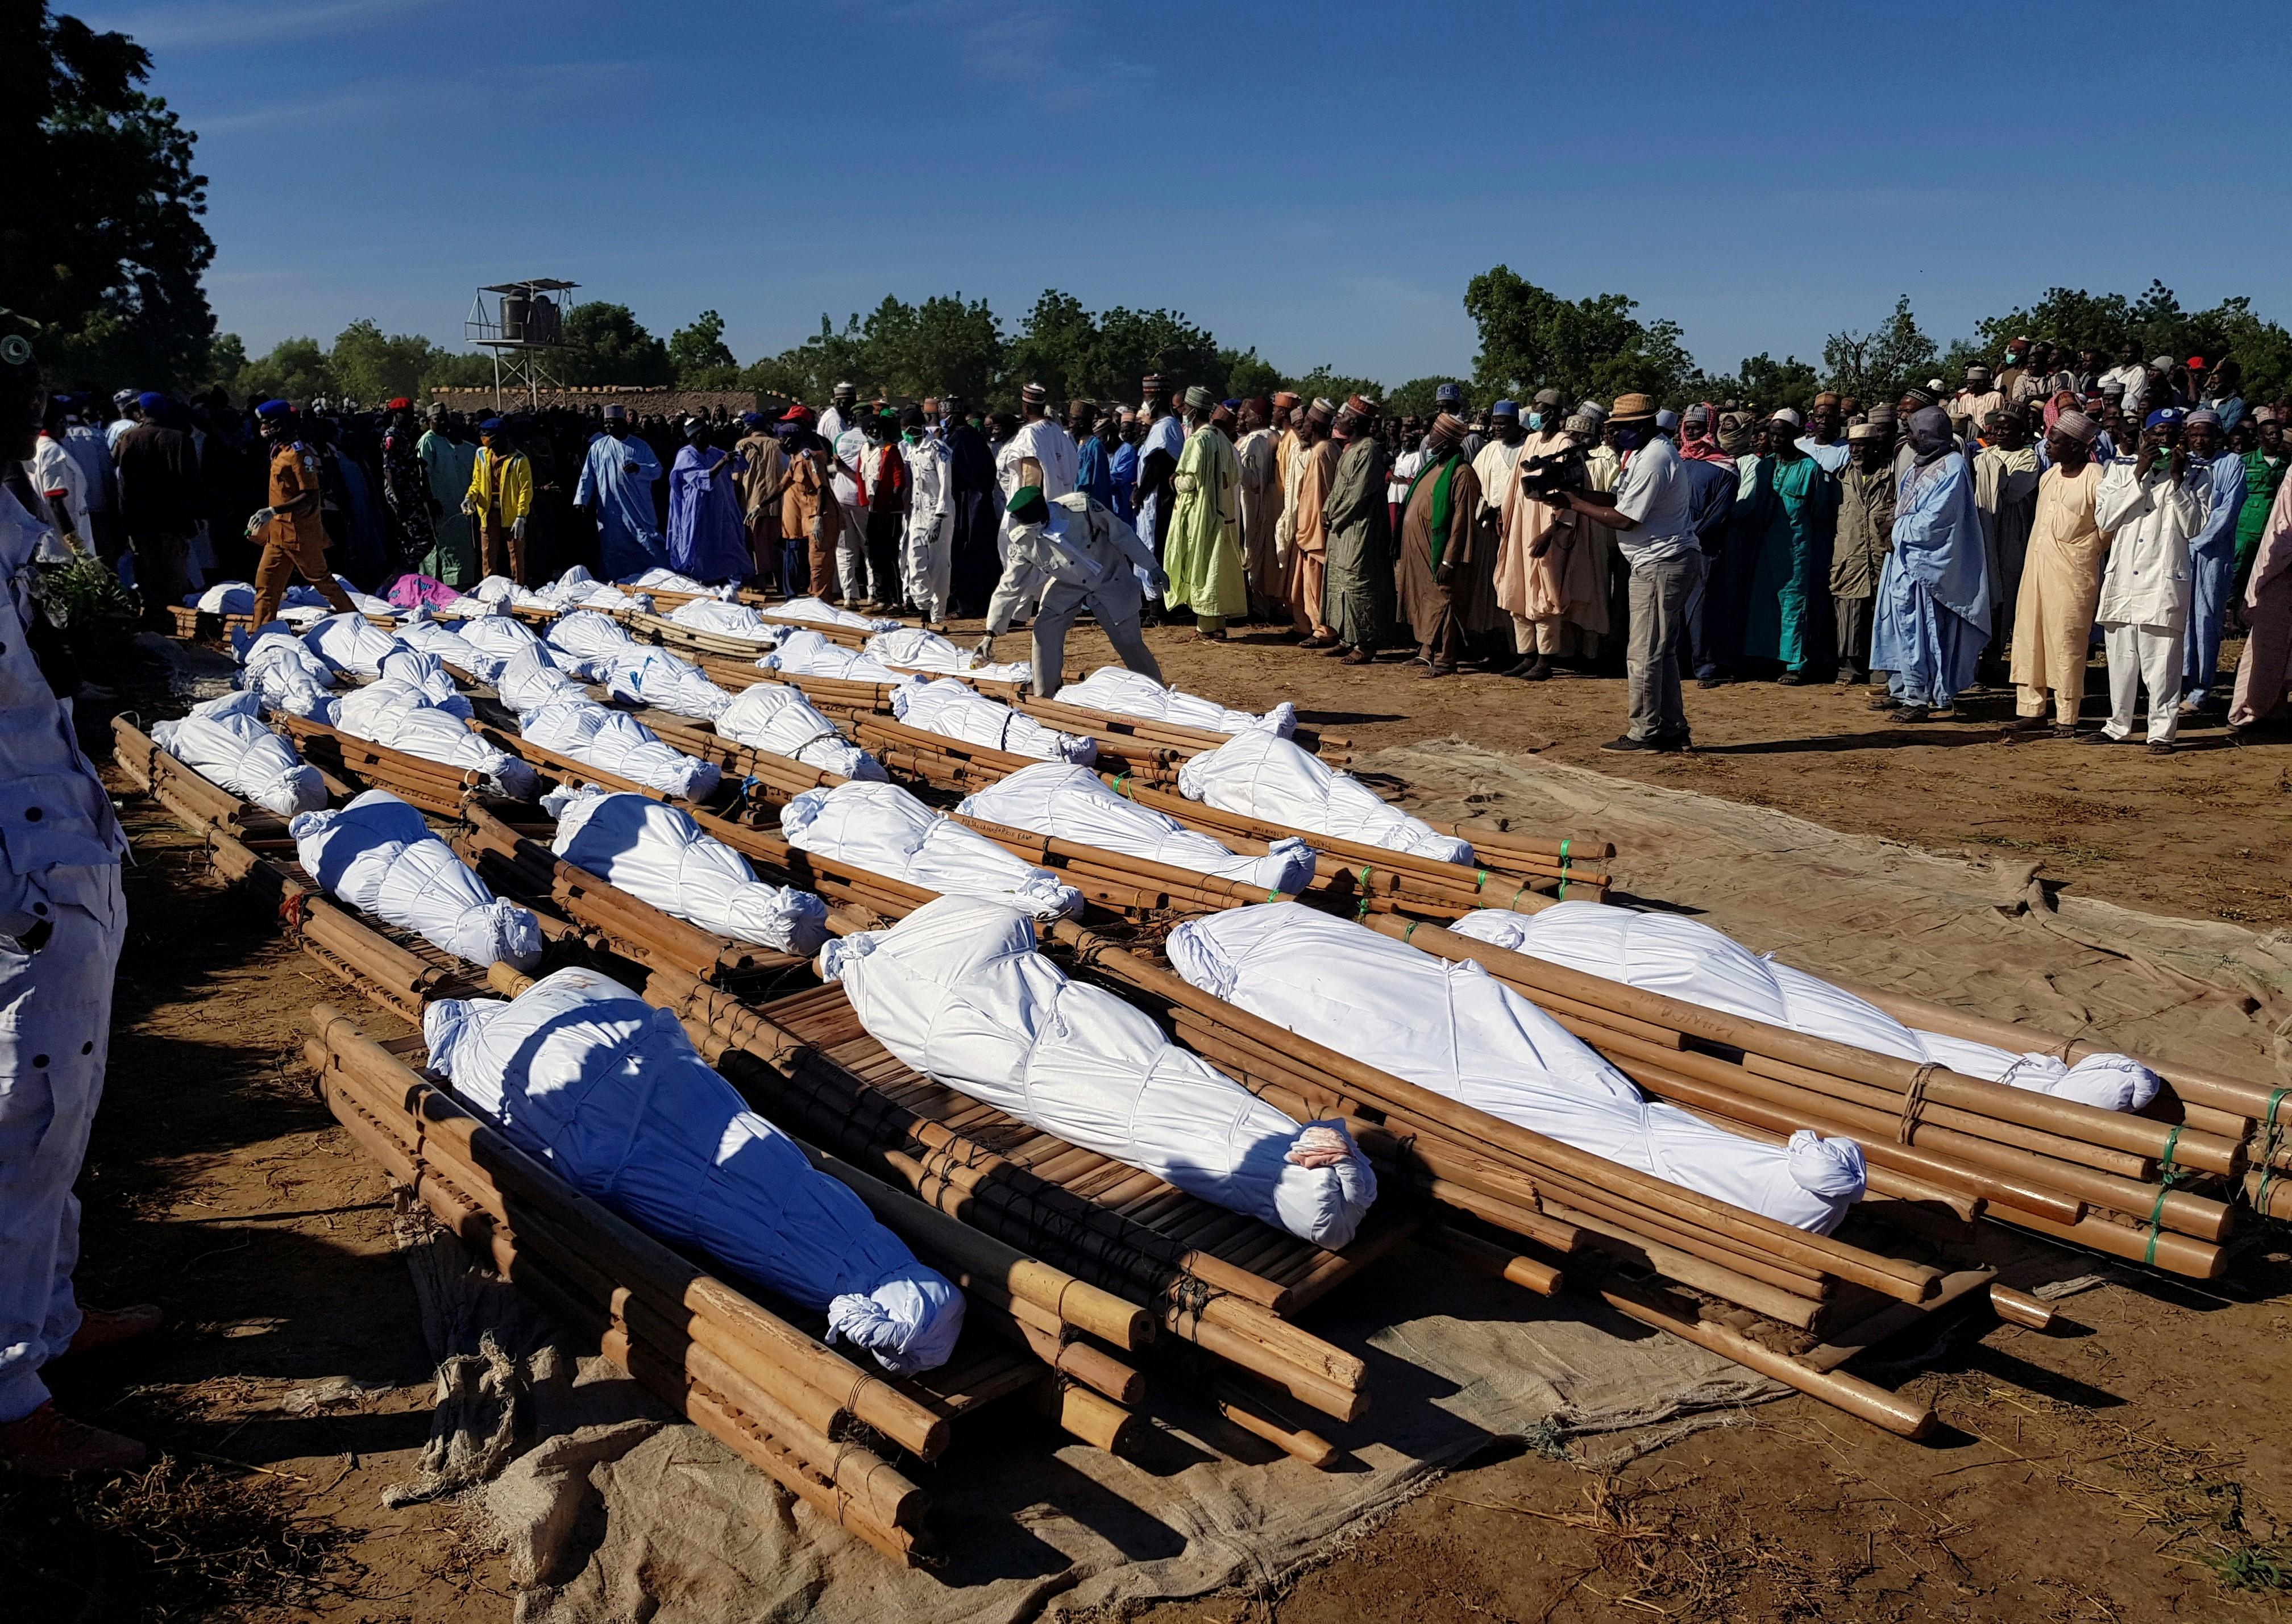 Papa condena 'horrores' na Nigéria após massacre de 110 civis